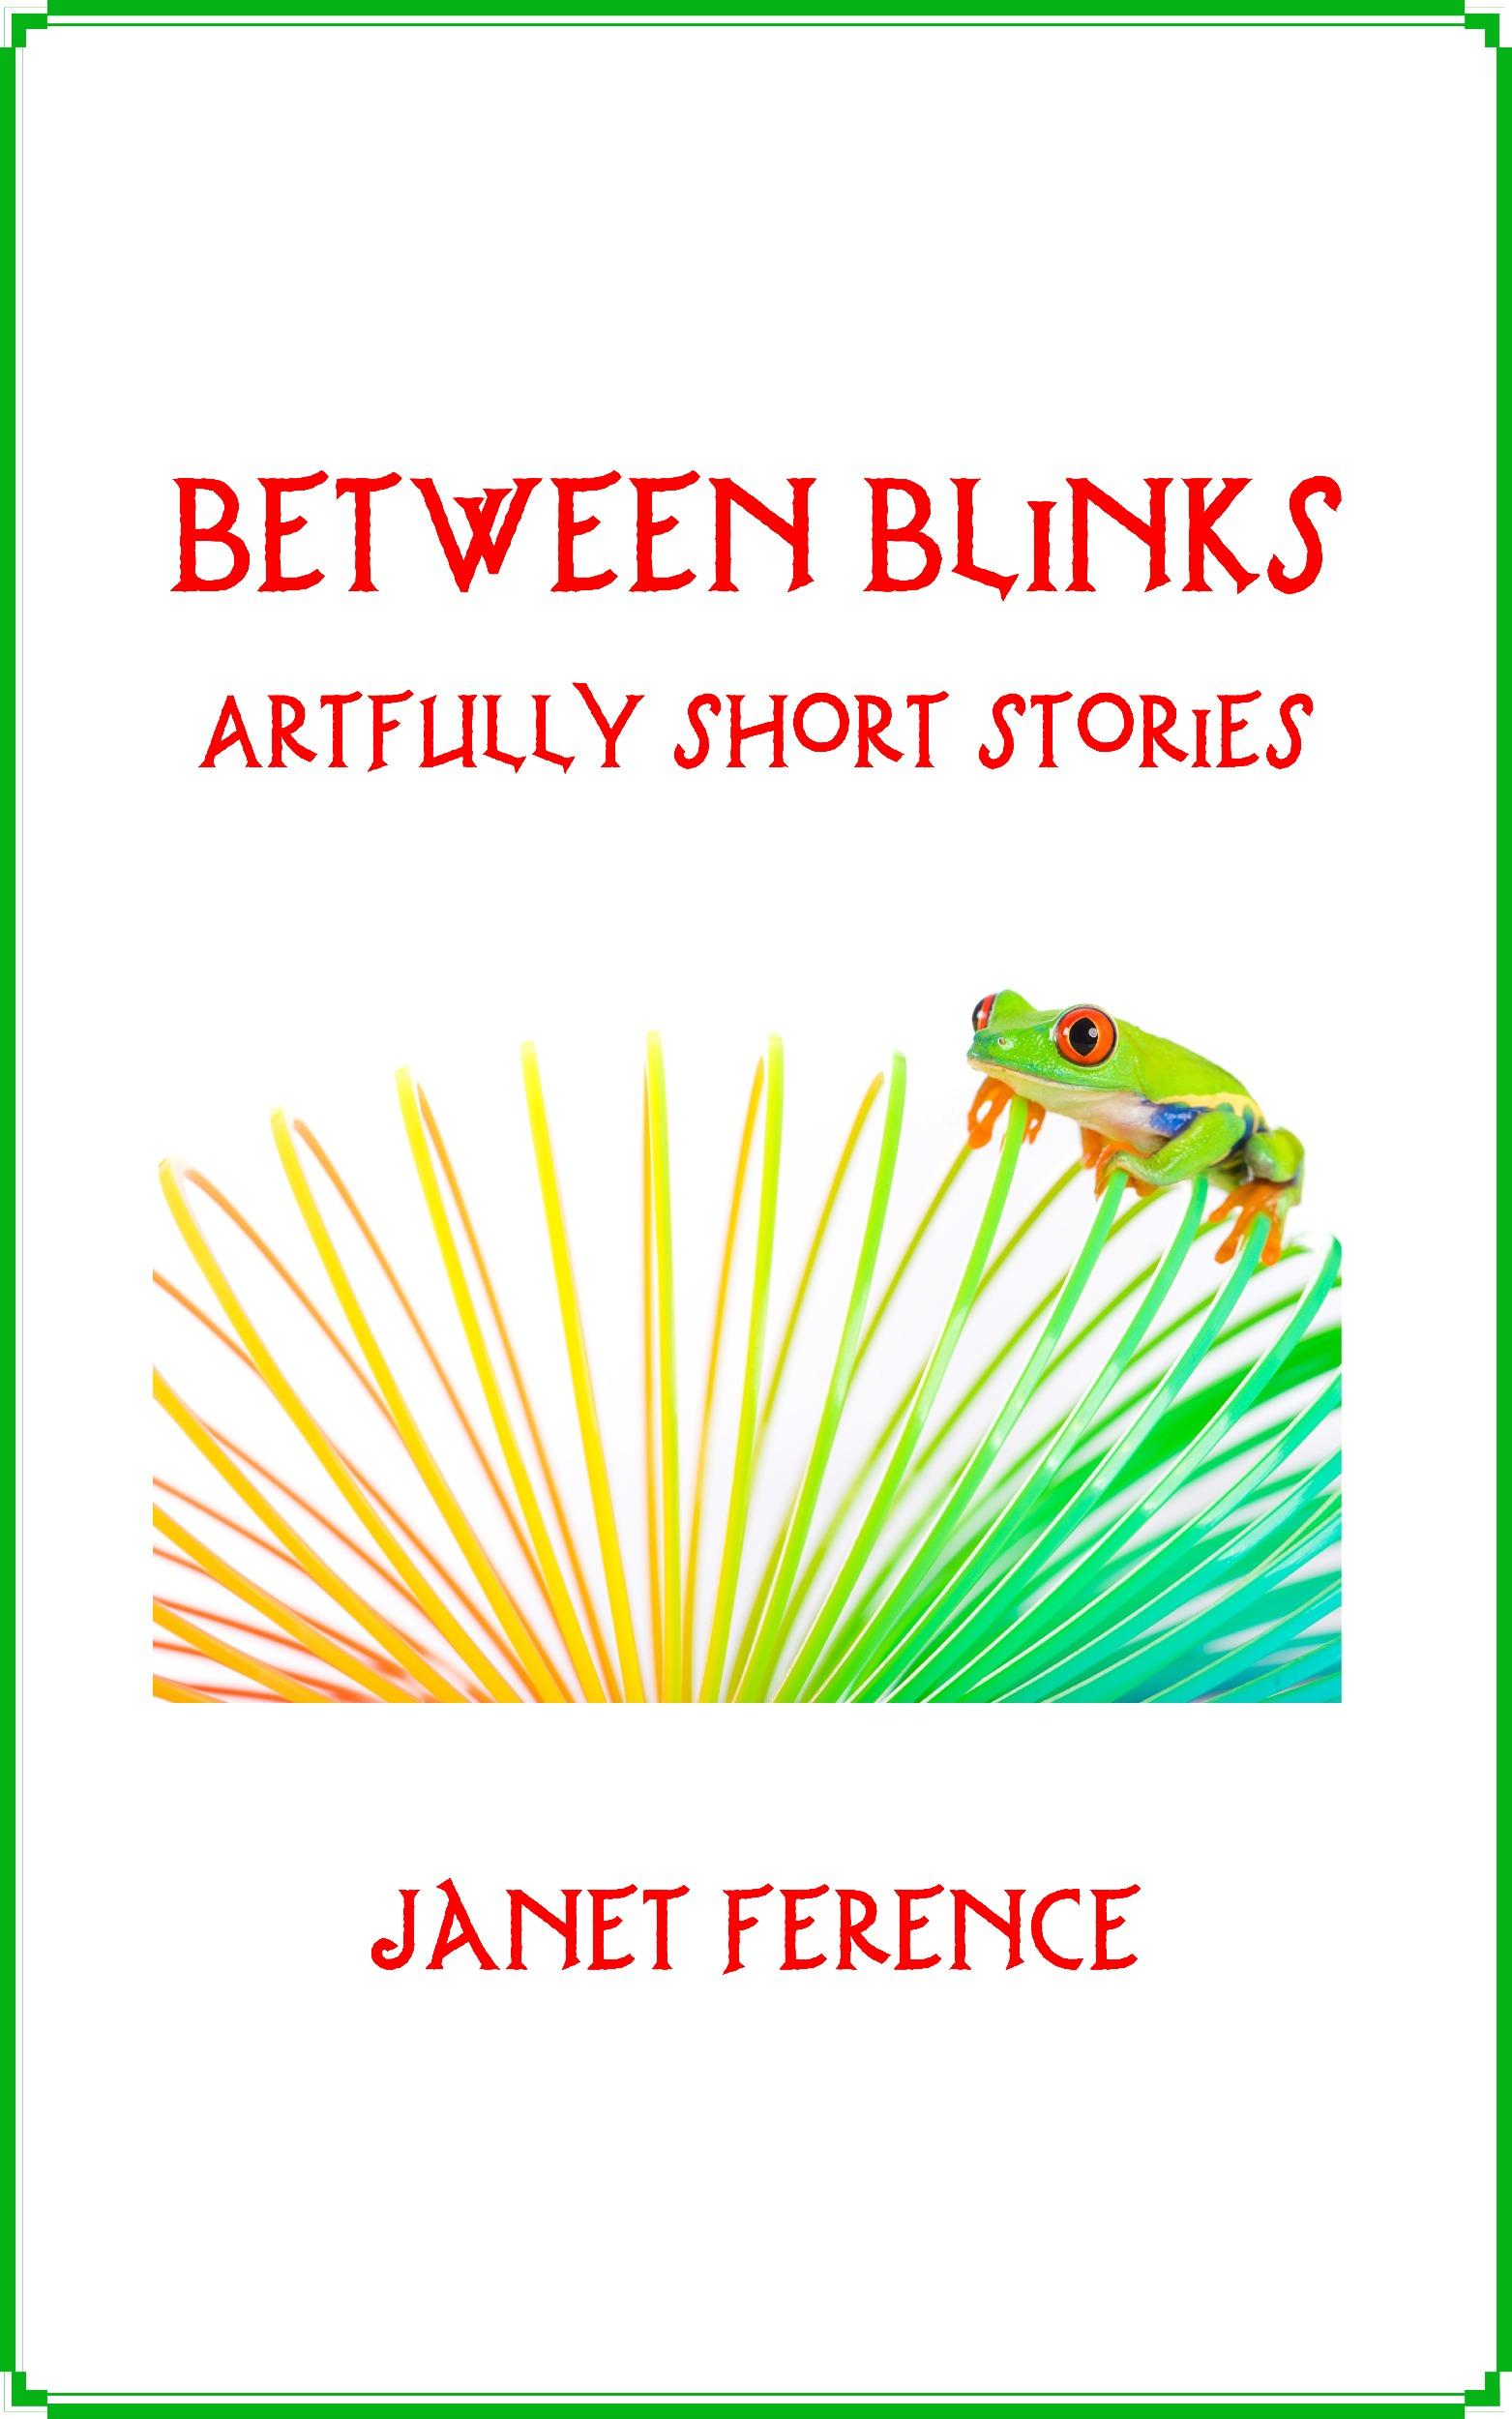 between blinks final ebook cover